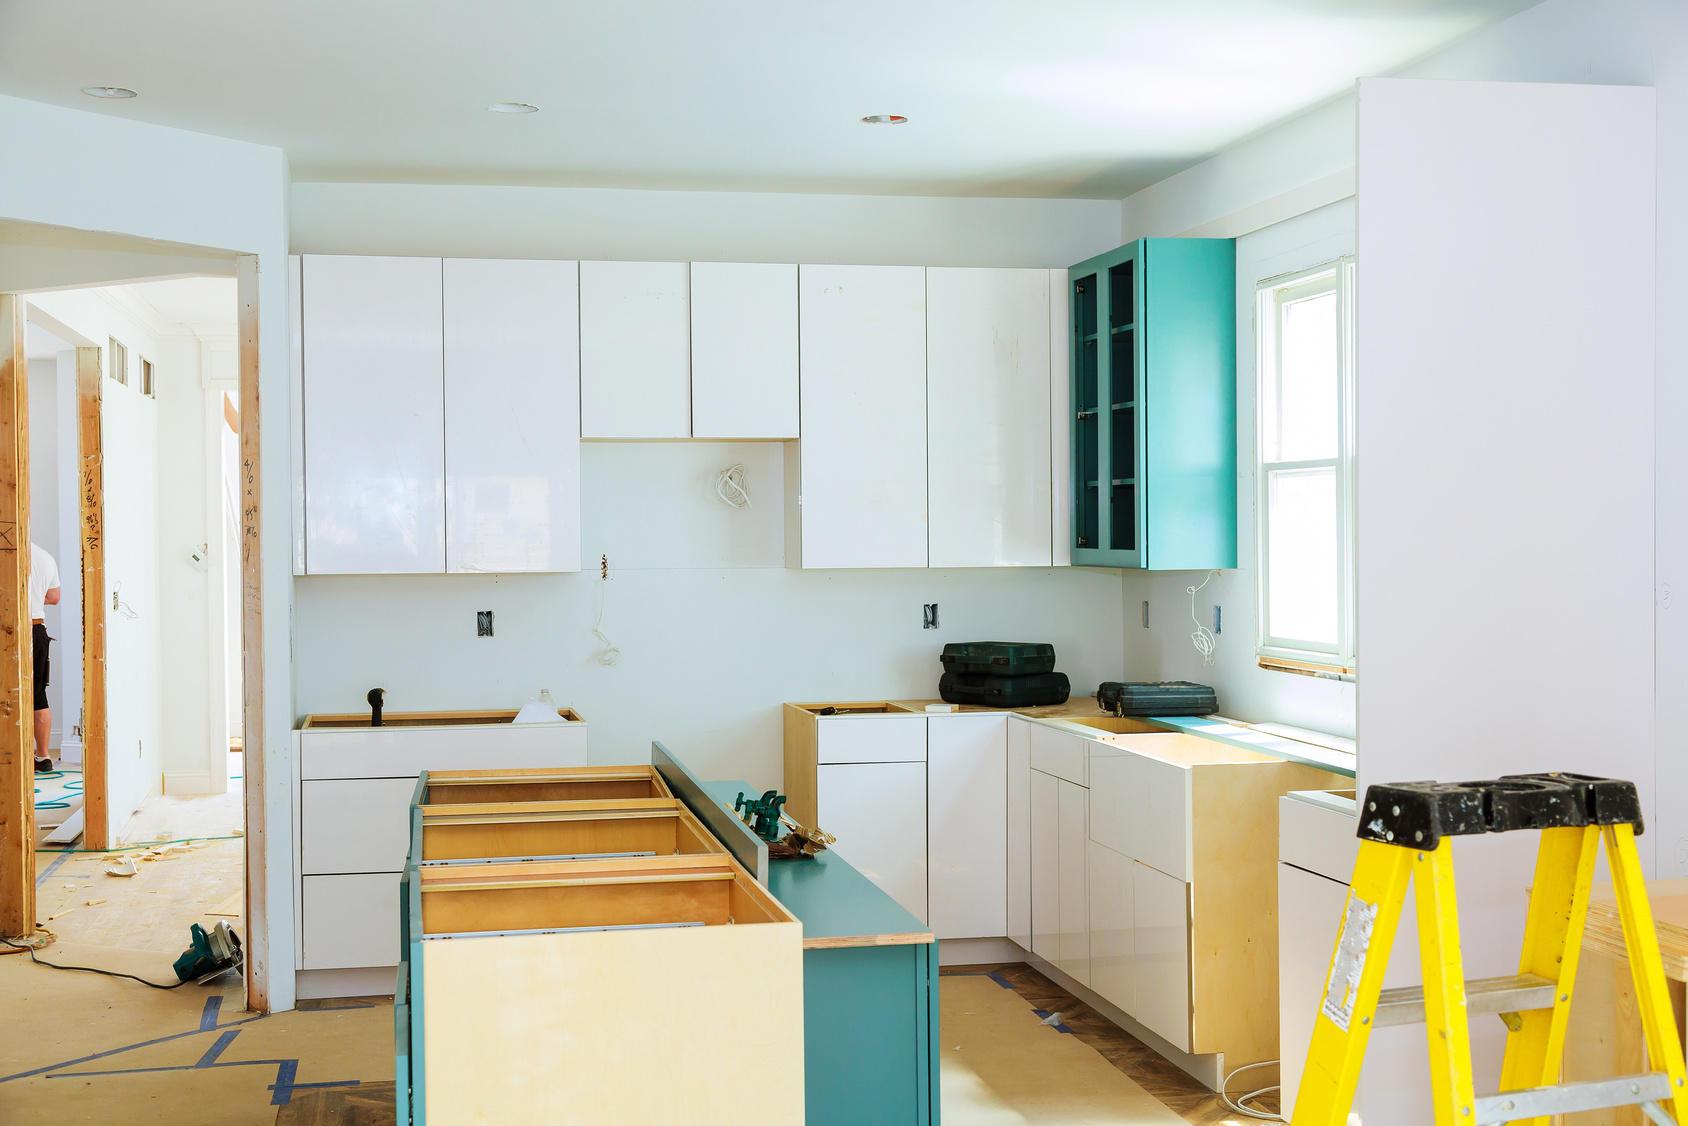 Essay: Kitchen Clean Up | WUWM